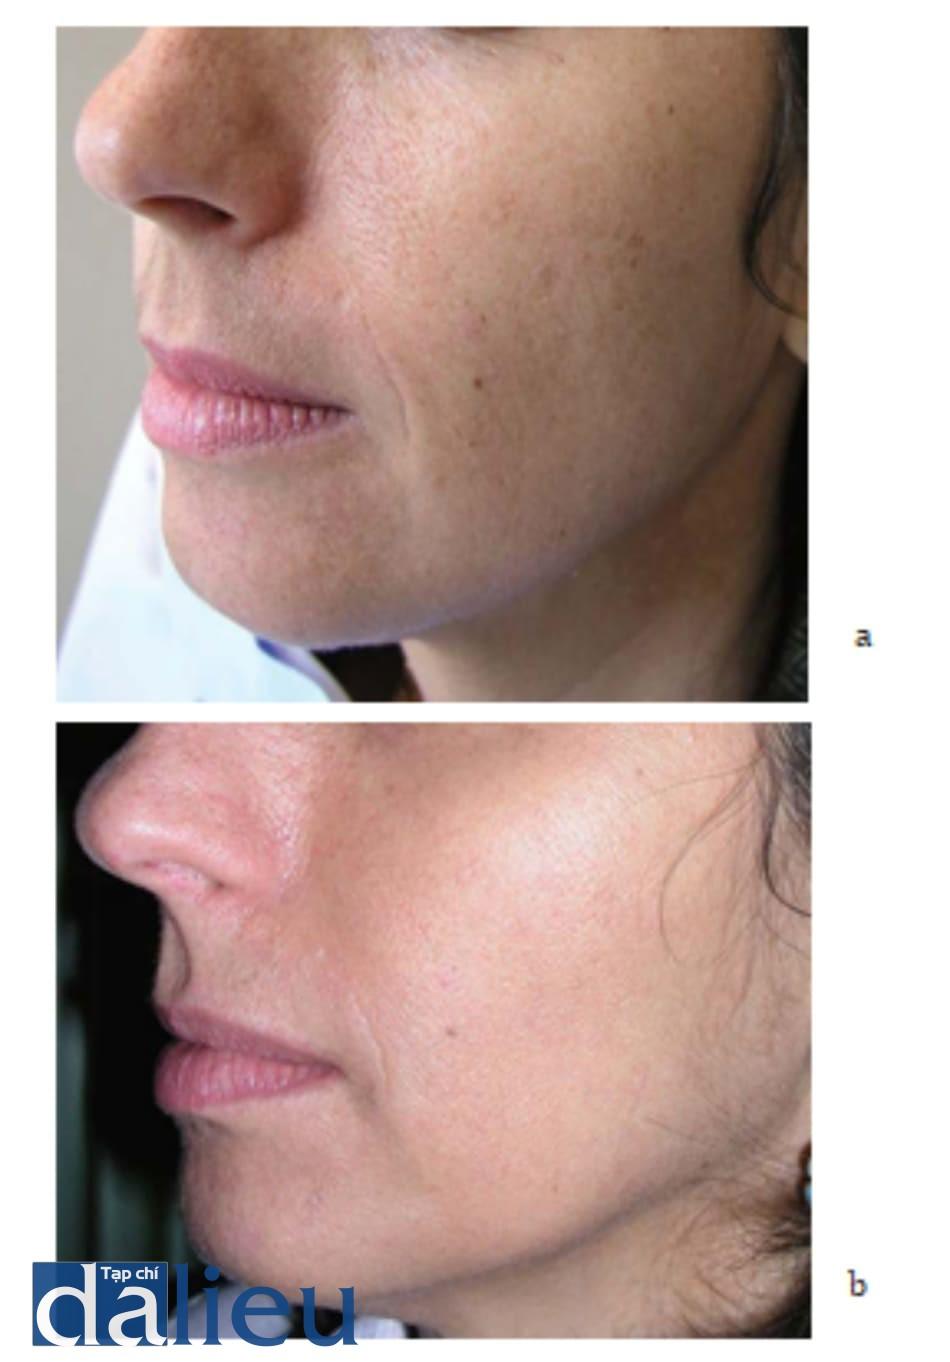 Hình 7.4 Bệnh nhân (a) trước và (b) 3 tuần sau điều trị